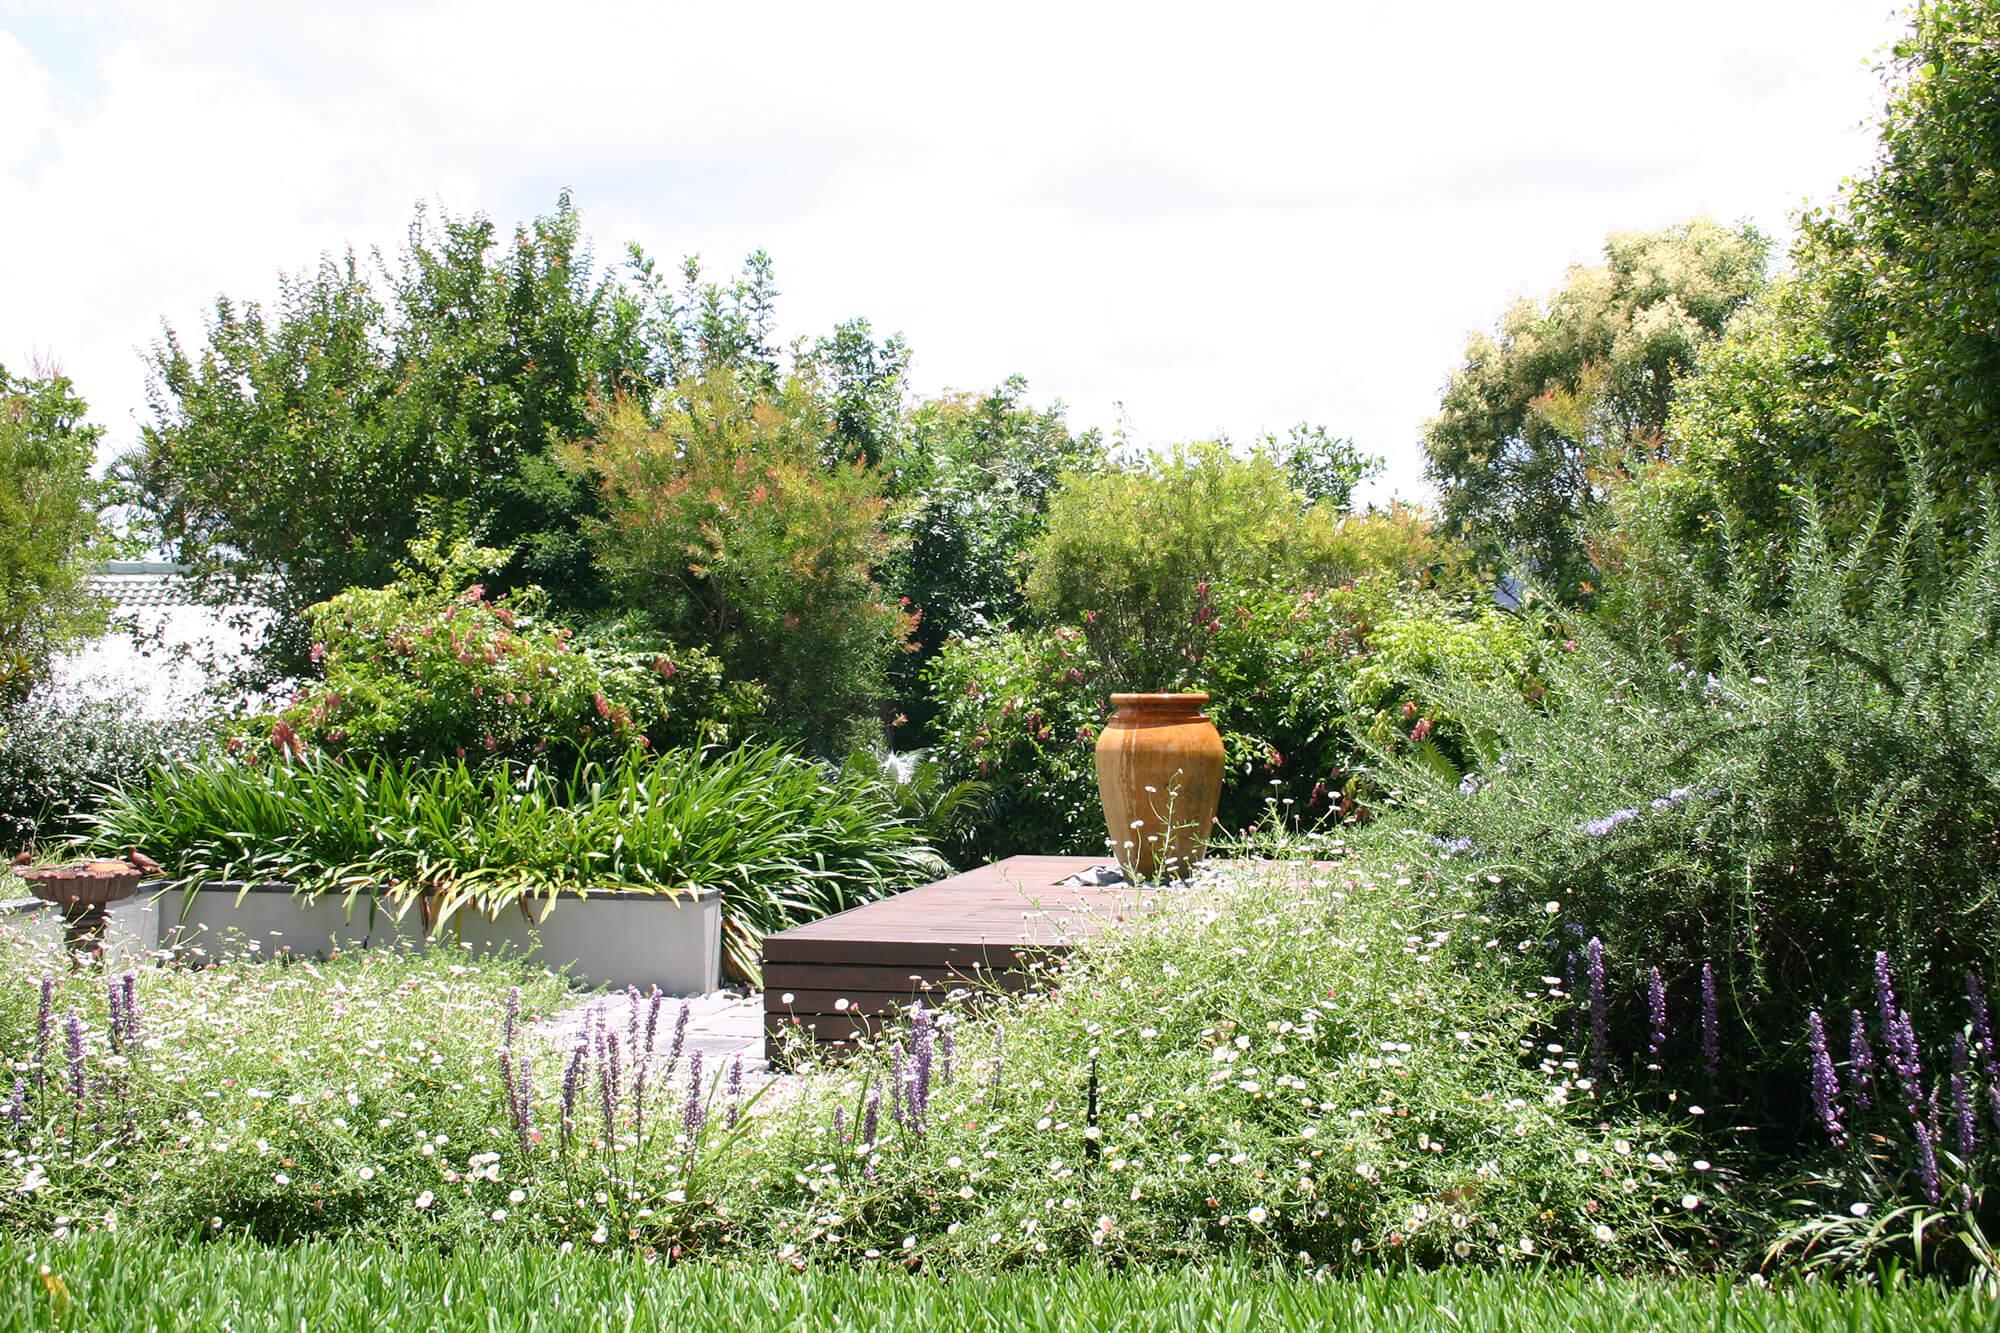 kenmore rejuvenation deck and landscaping